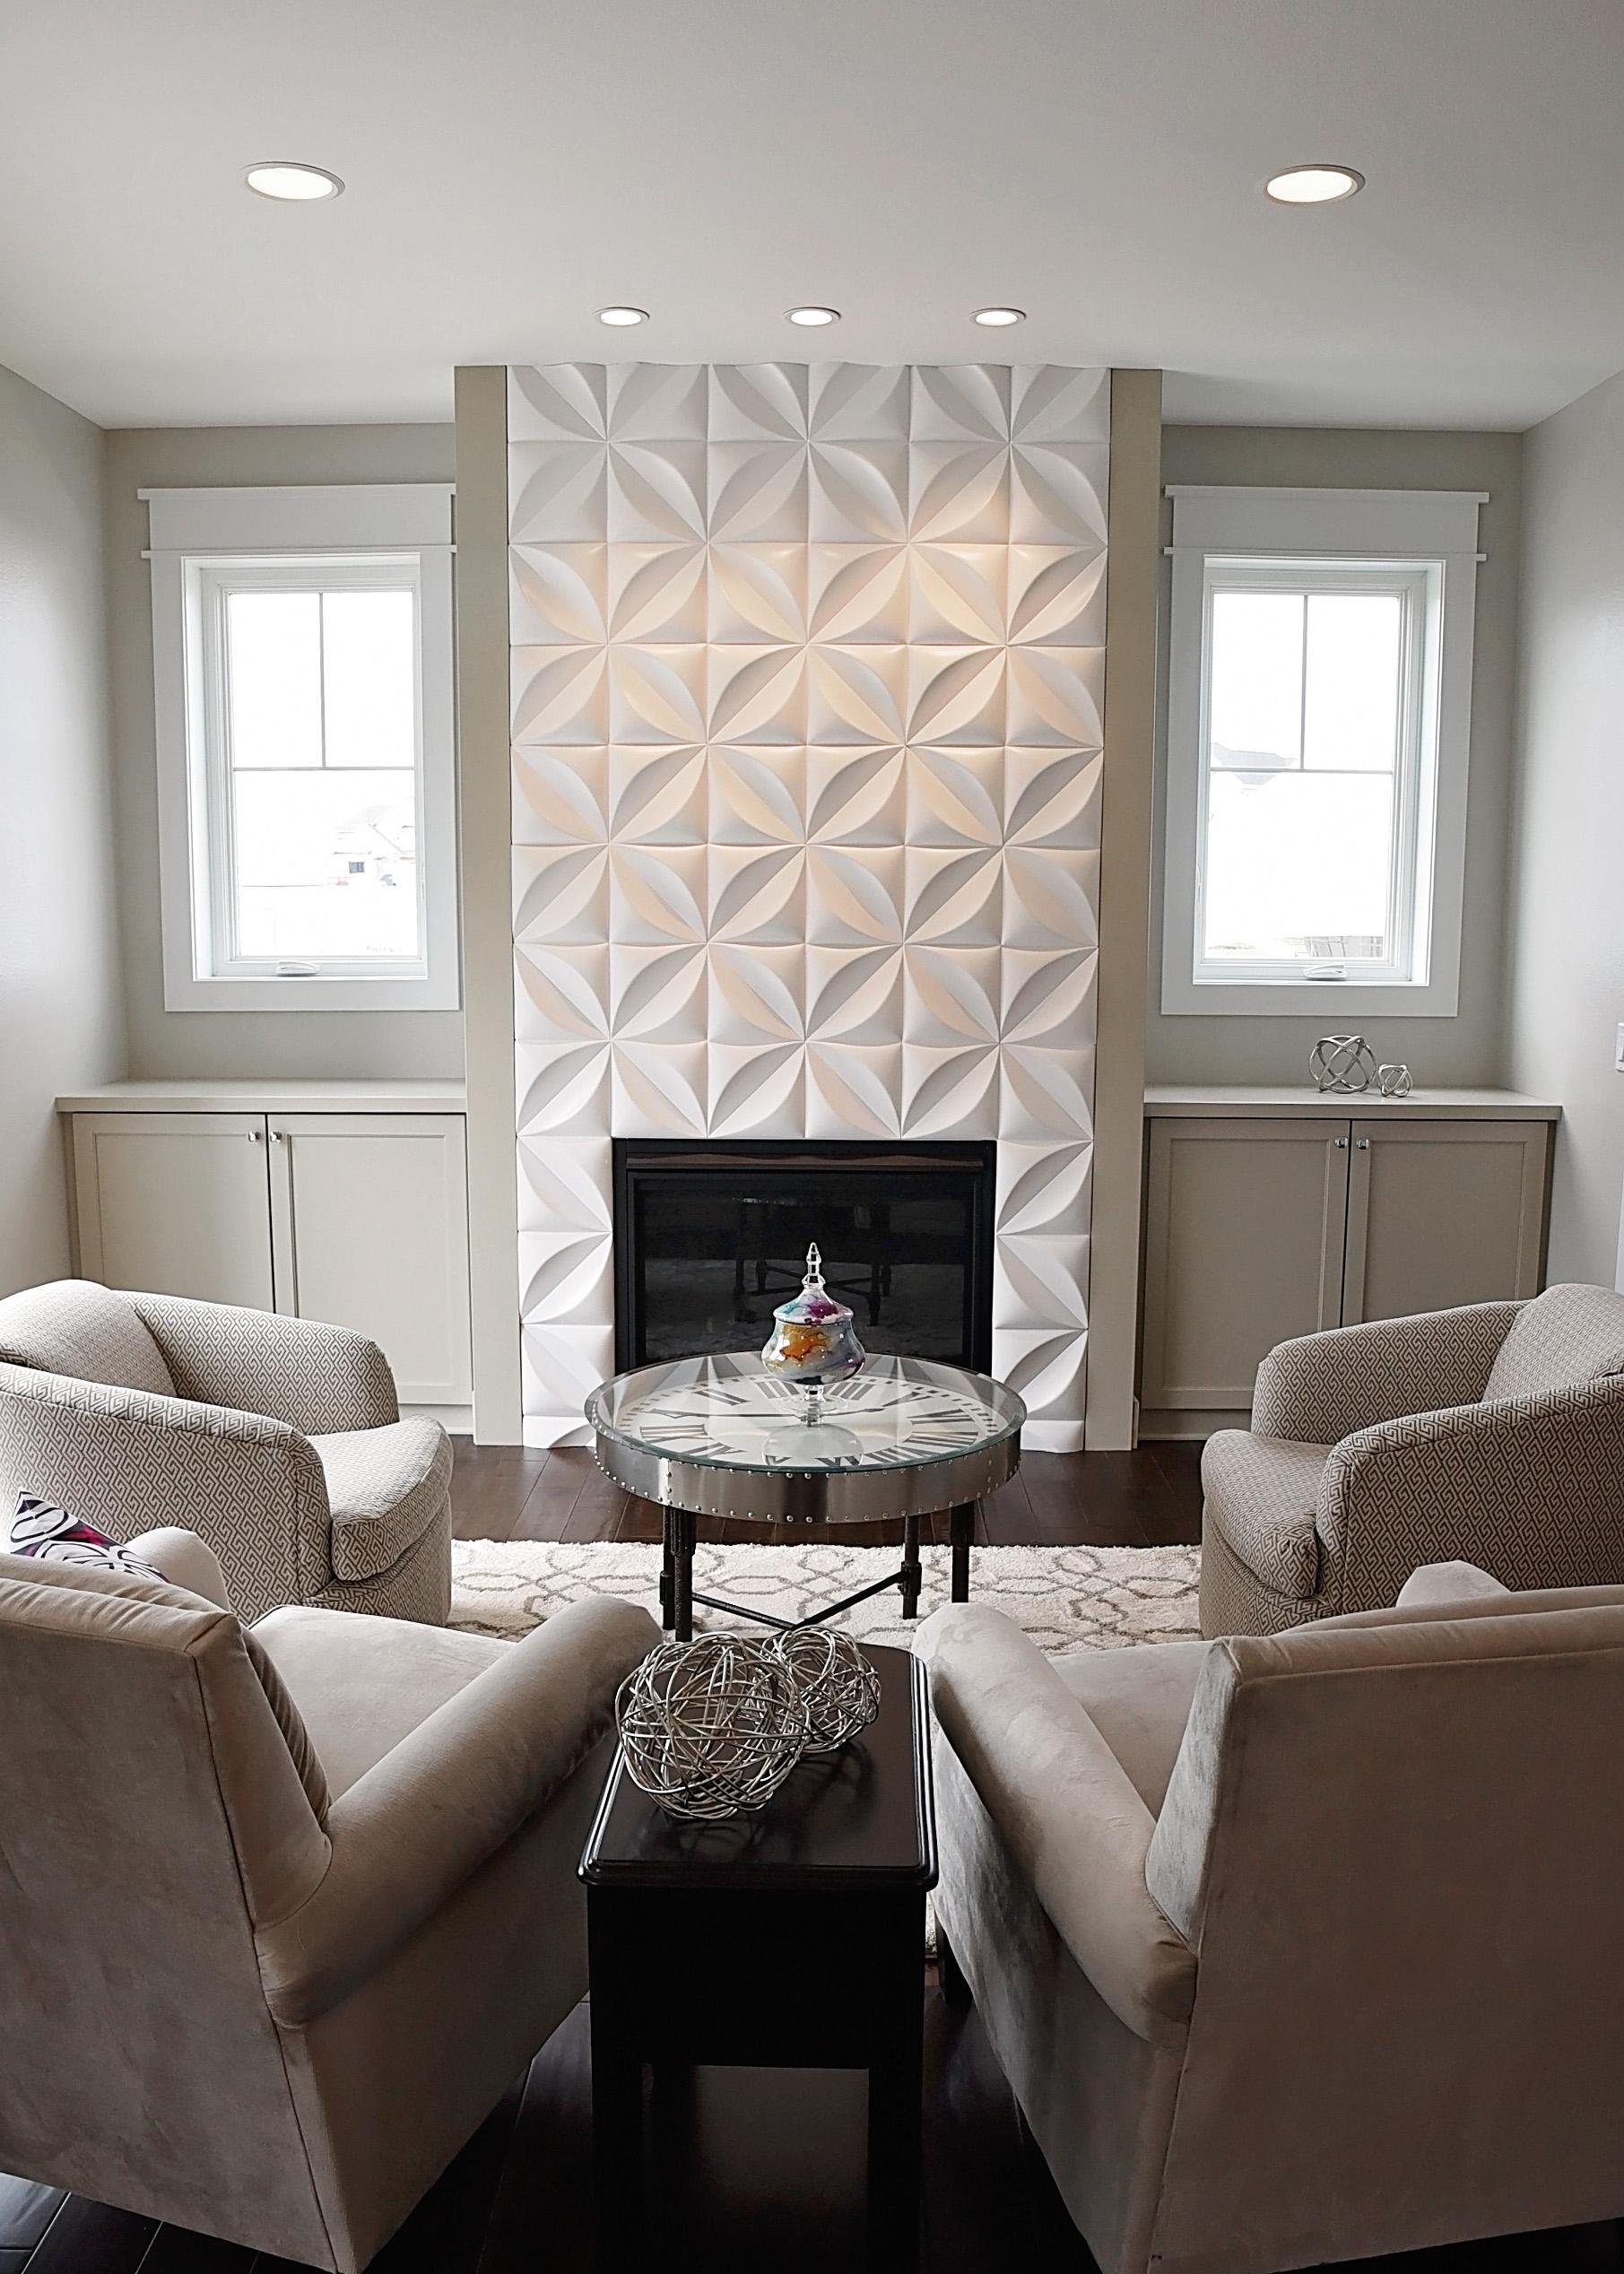 Unique Fireplace Surround